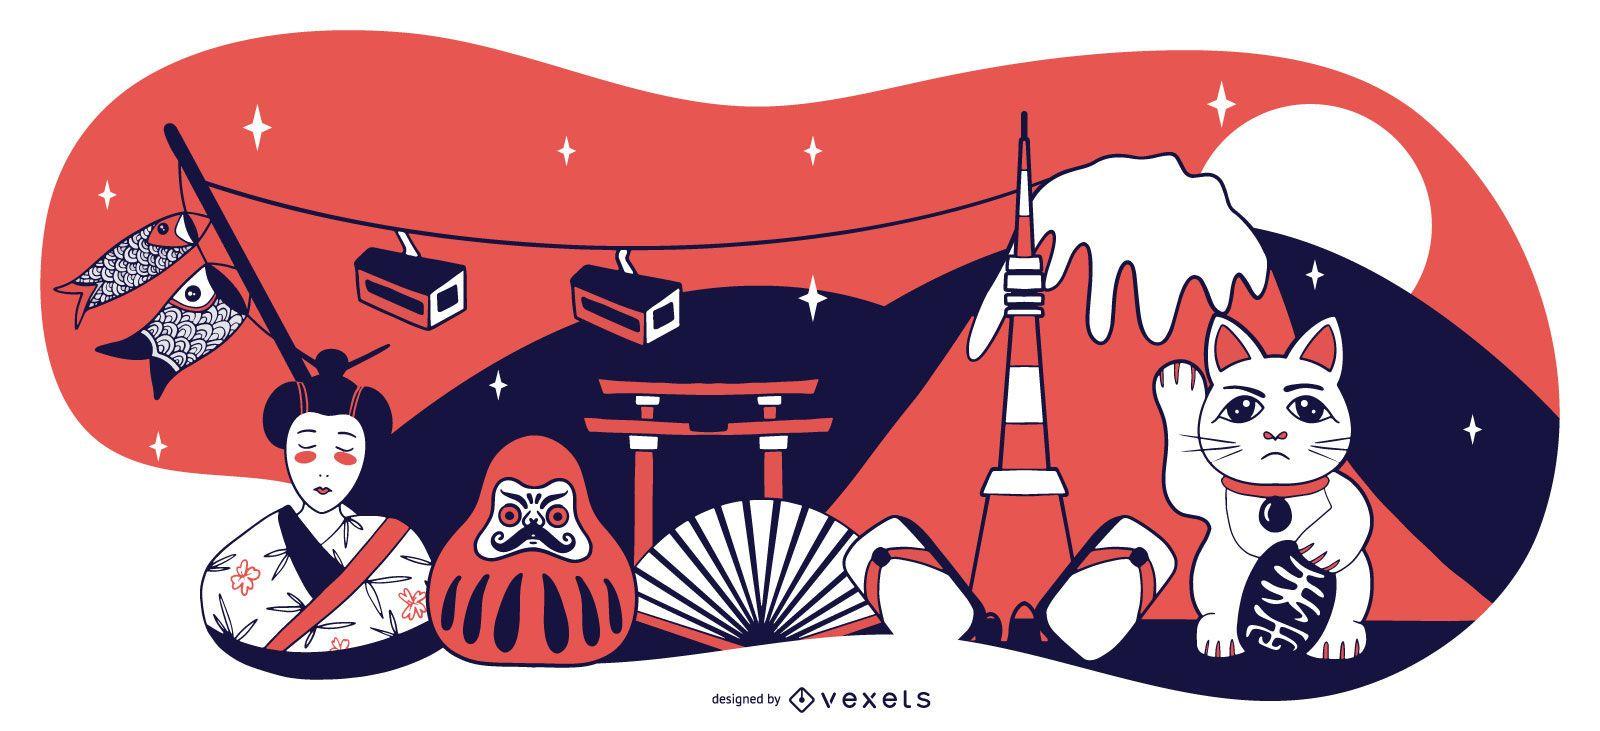 Japan Elements Composition Design